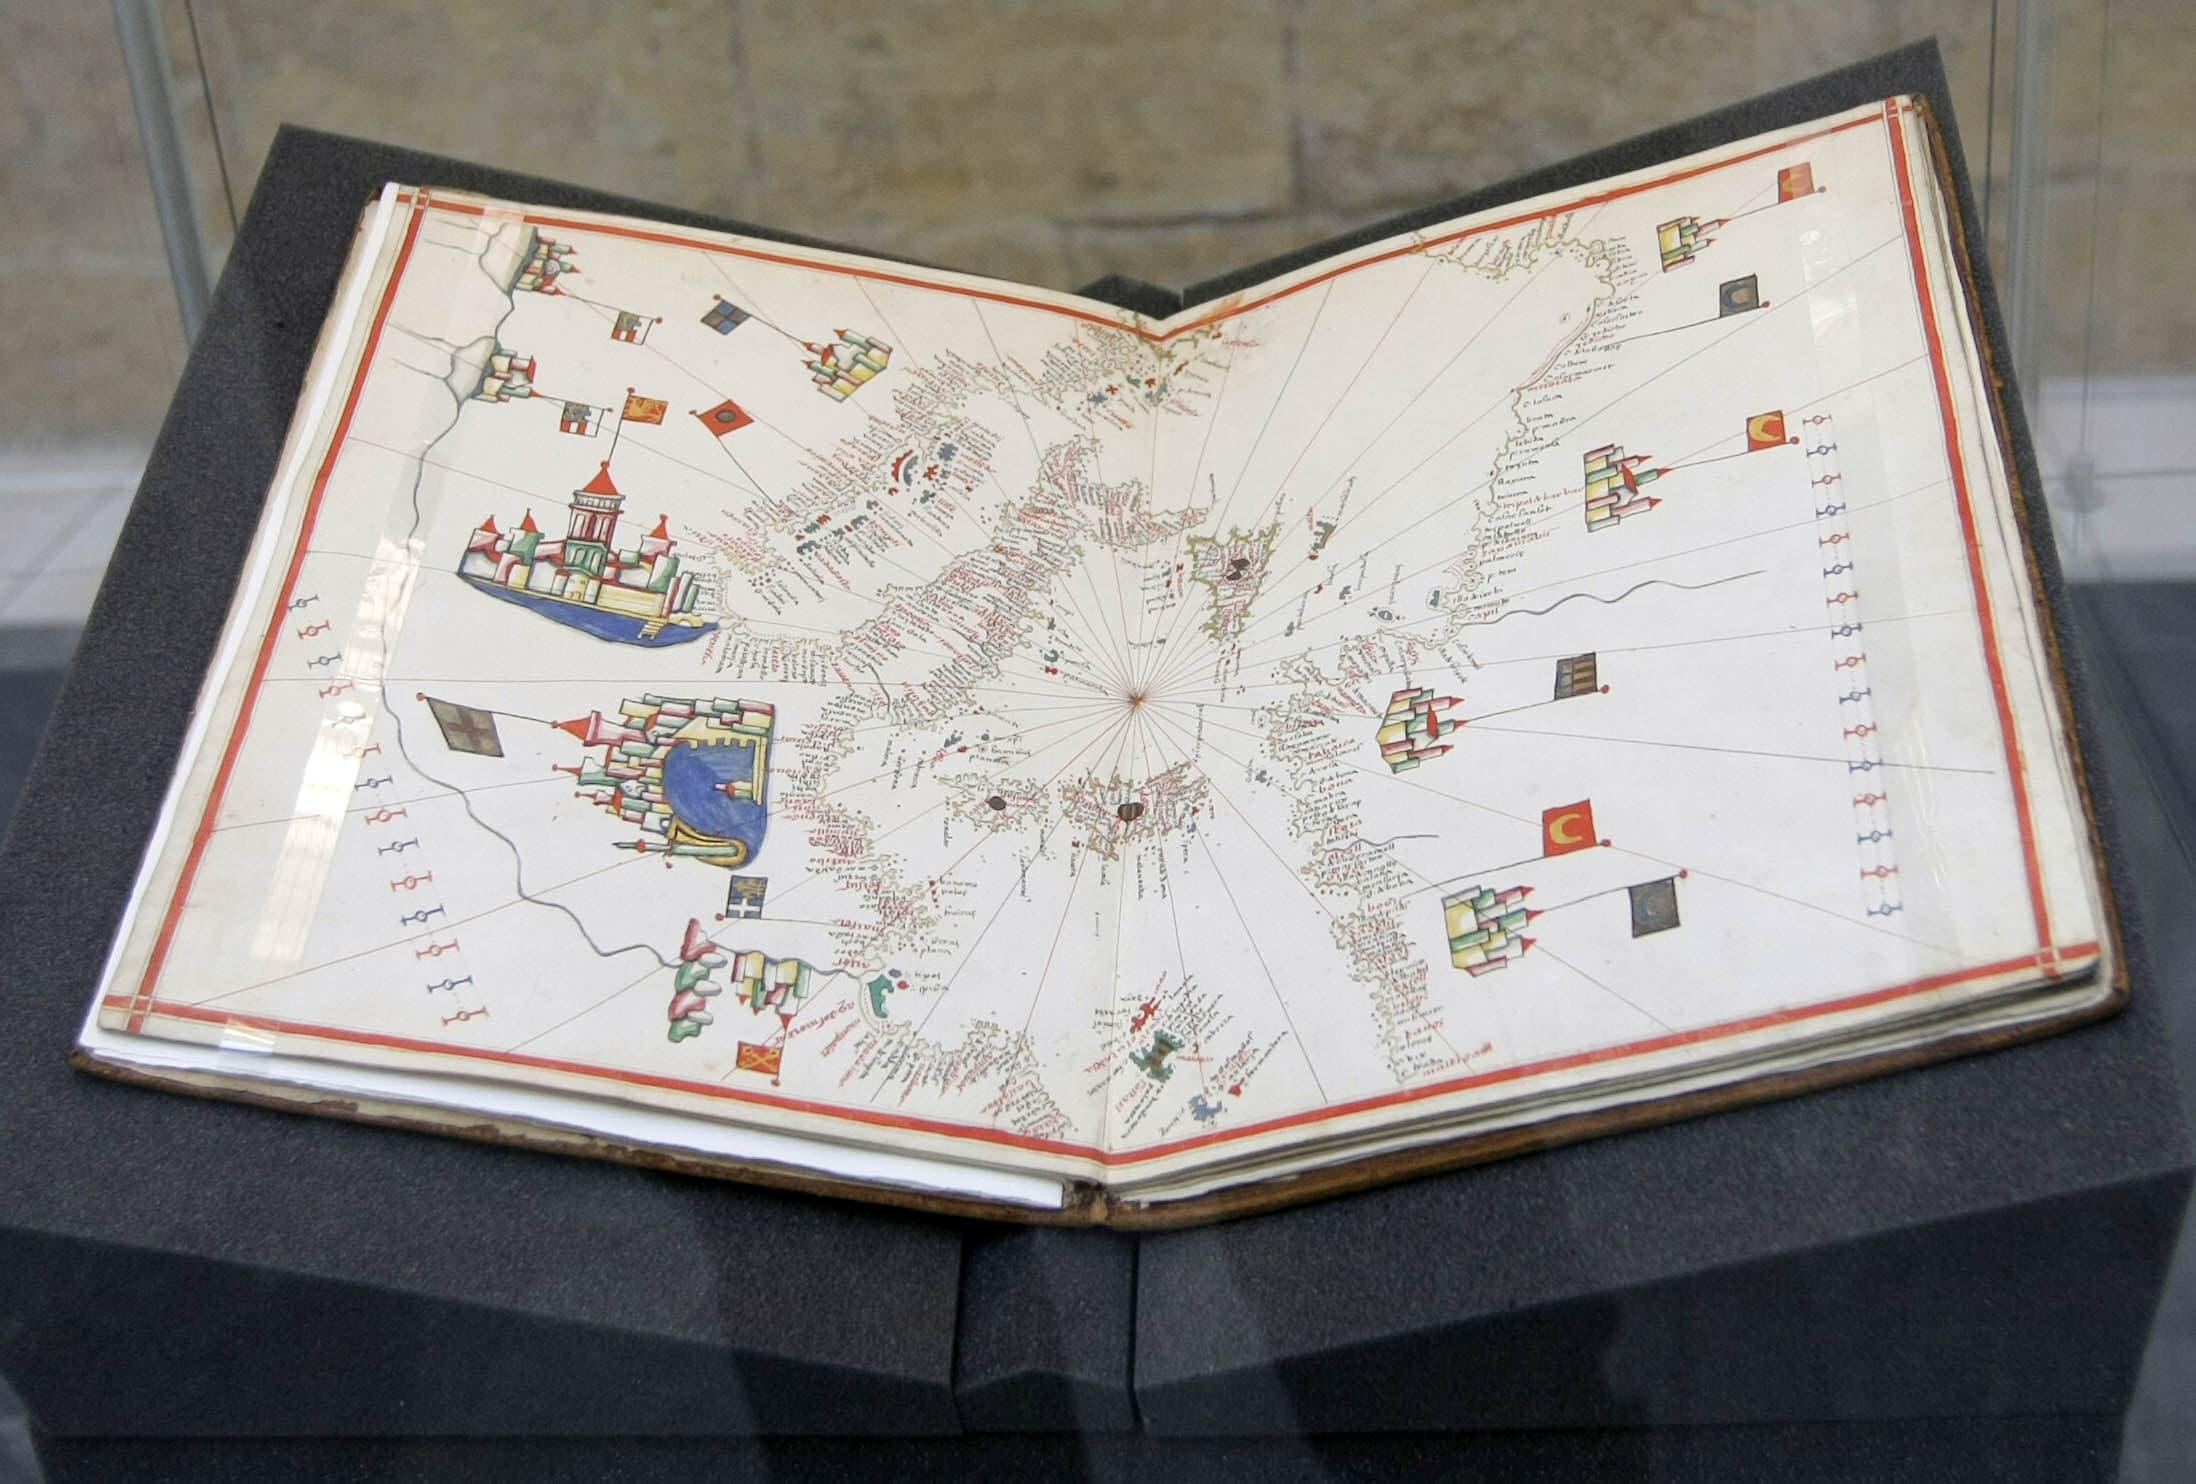 Námořní atlas ze 16. stol., který objevil Jiří Glonek ve Vědecké knihovně v Olomouci